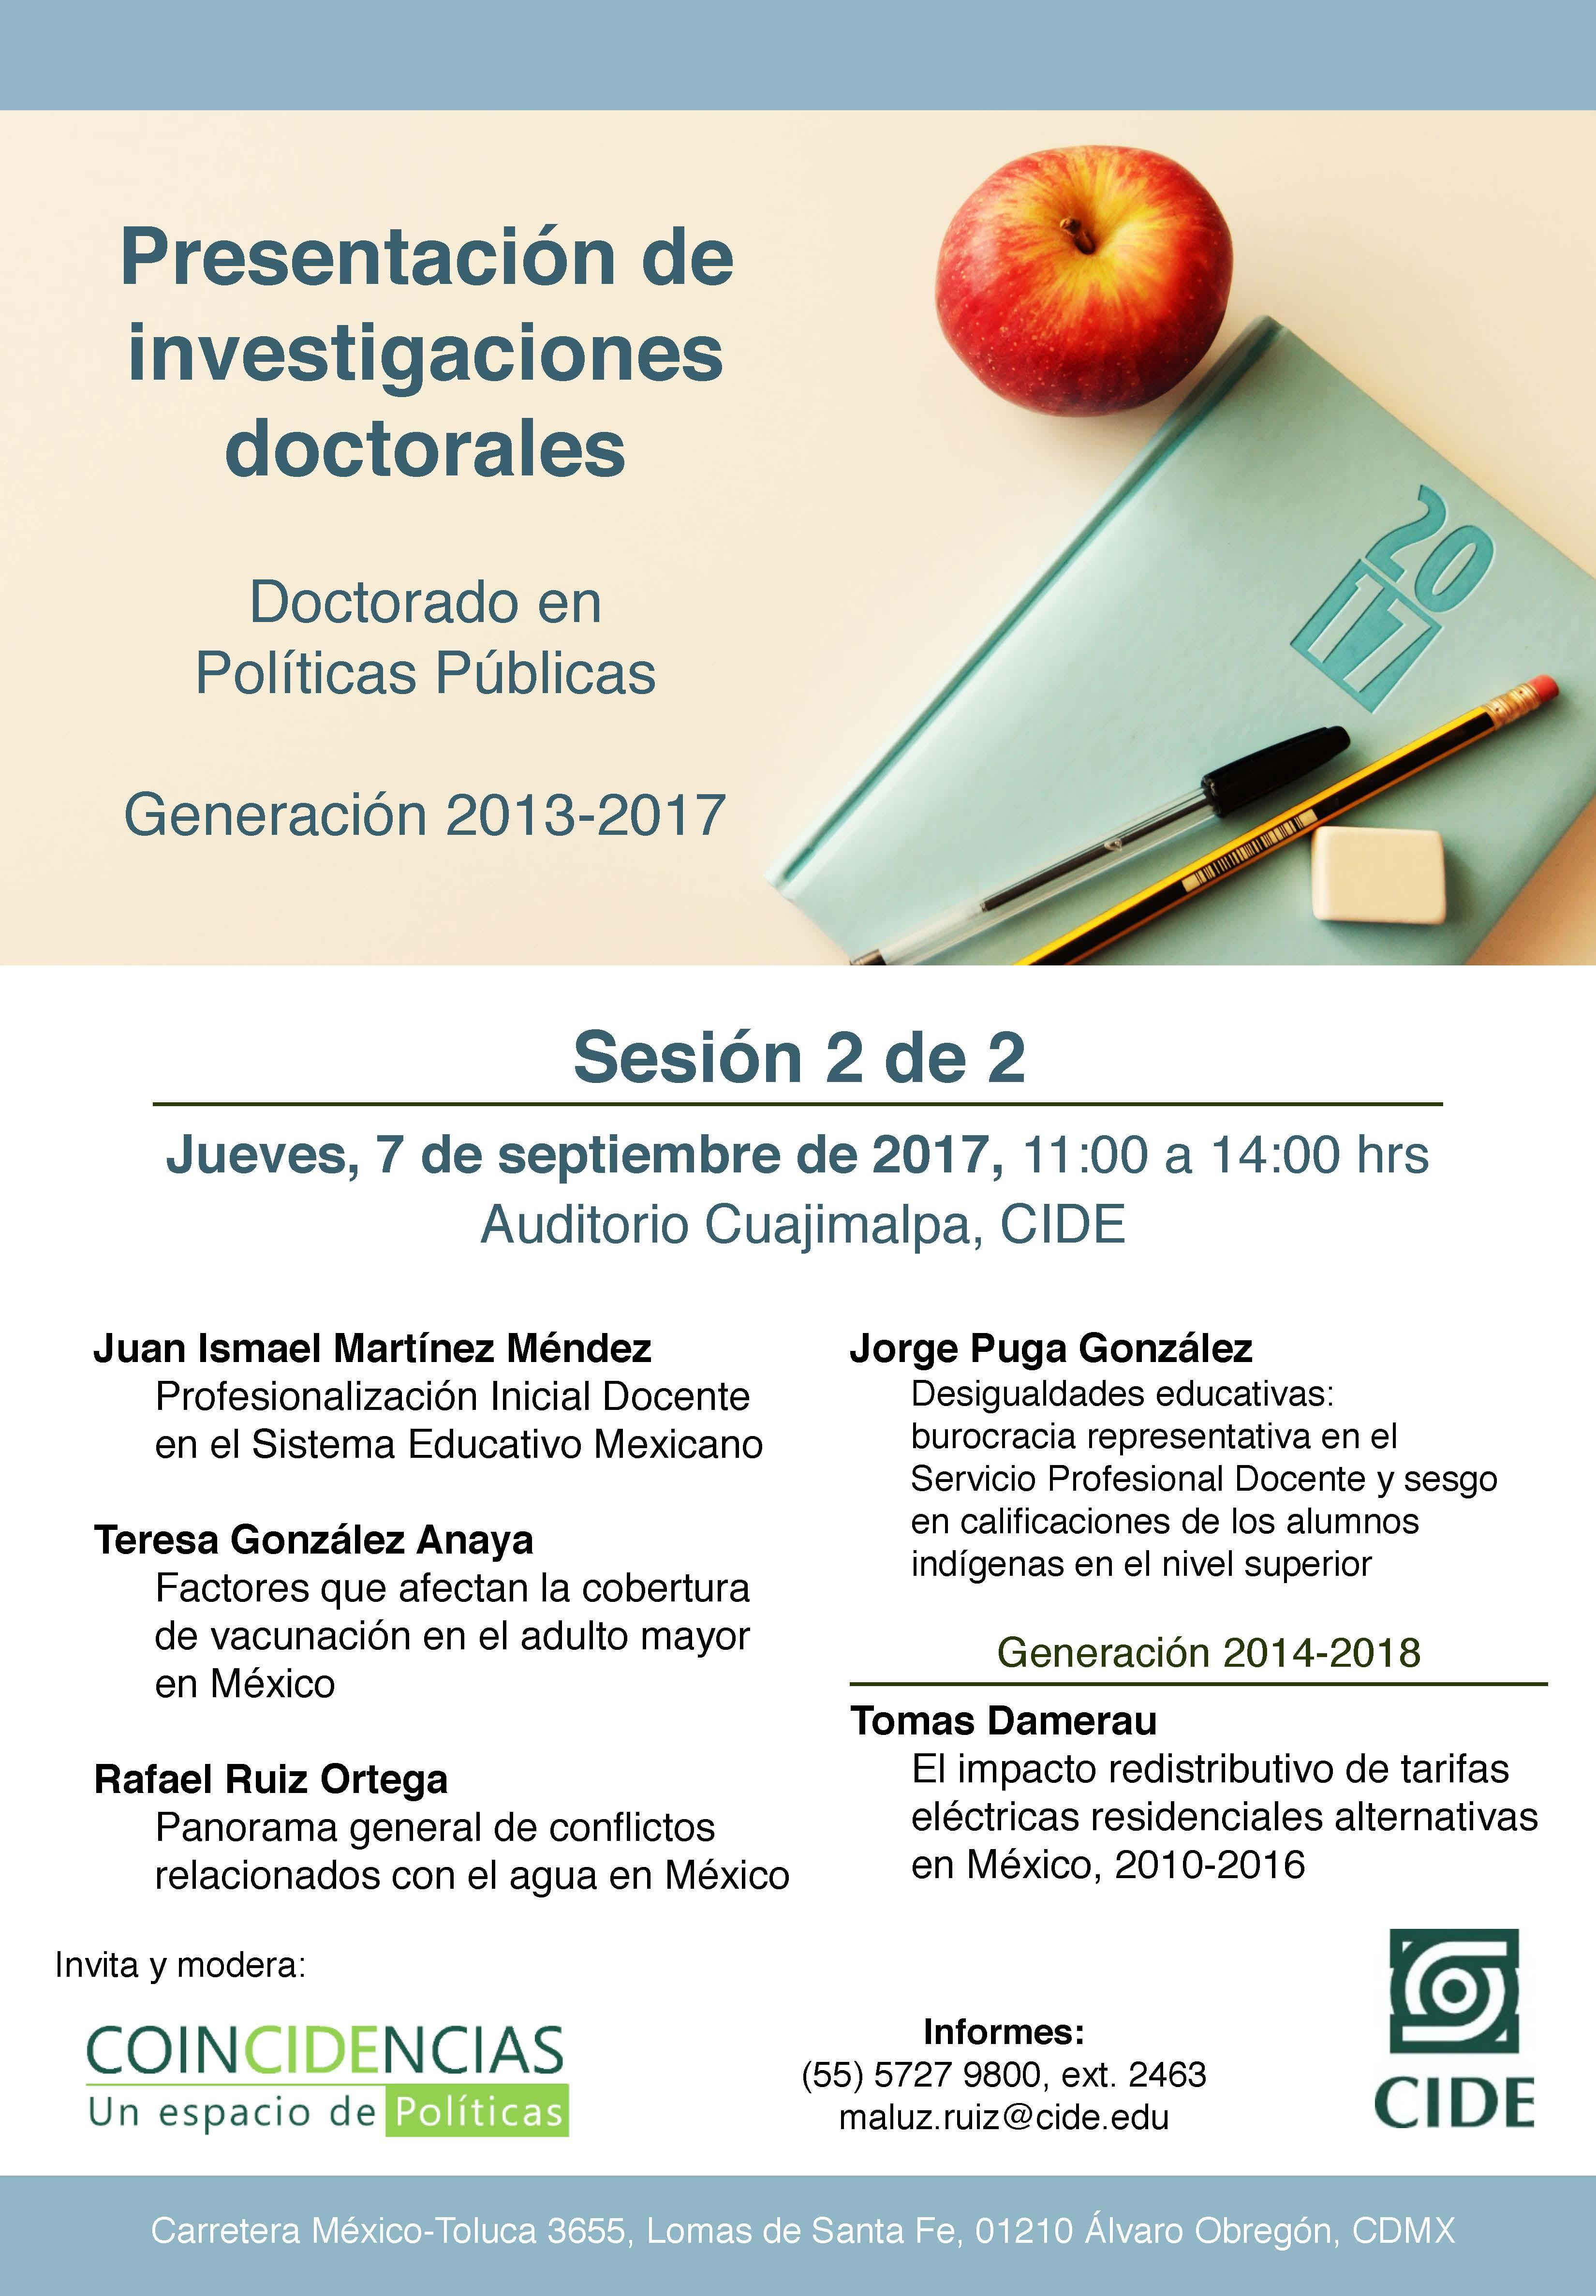 Presentación de investigaciones doctorales